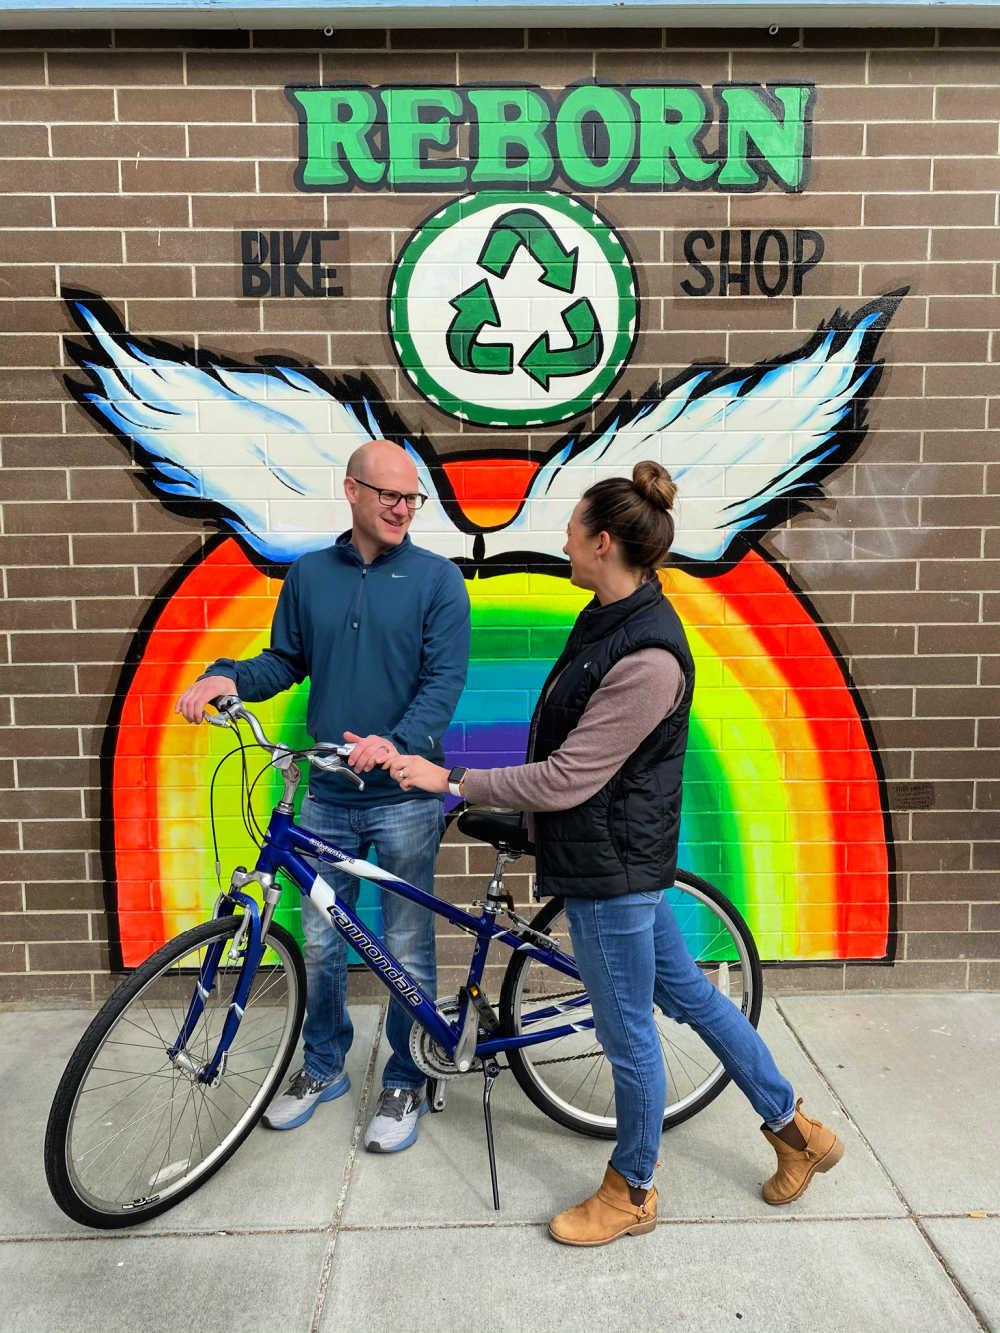 reborn bike shop bike rental tri-cities